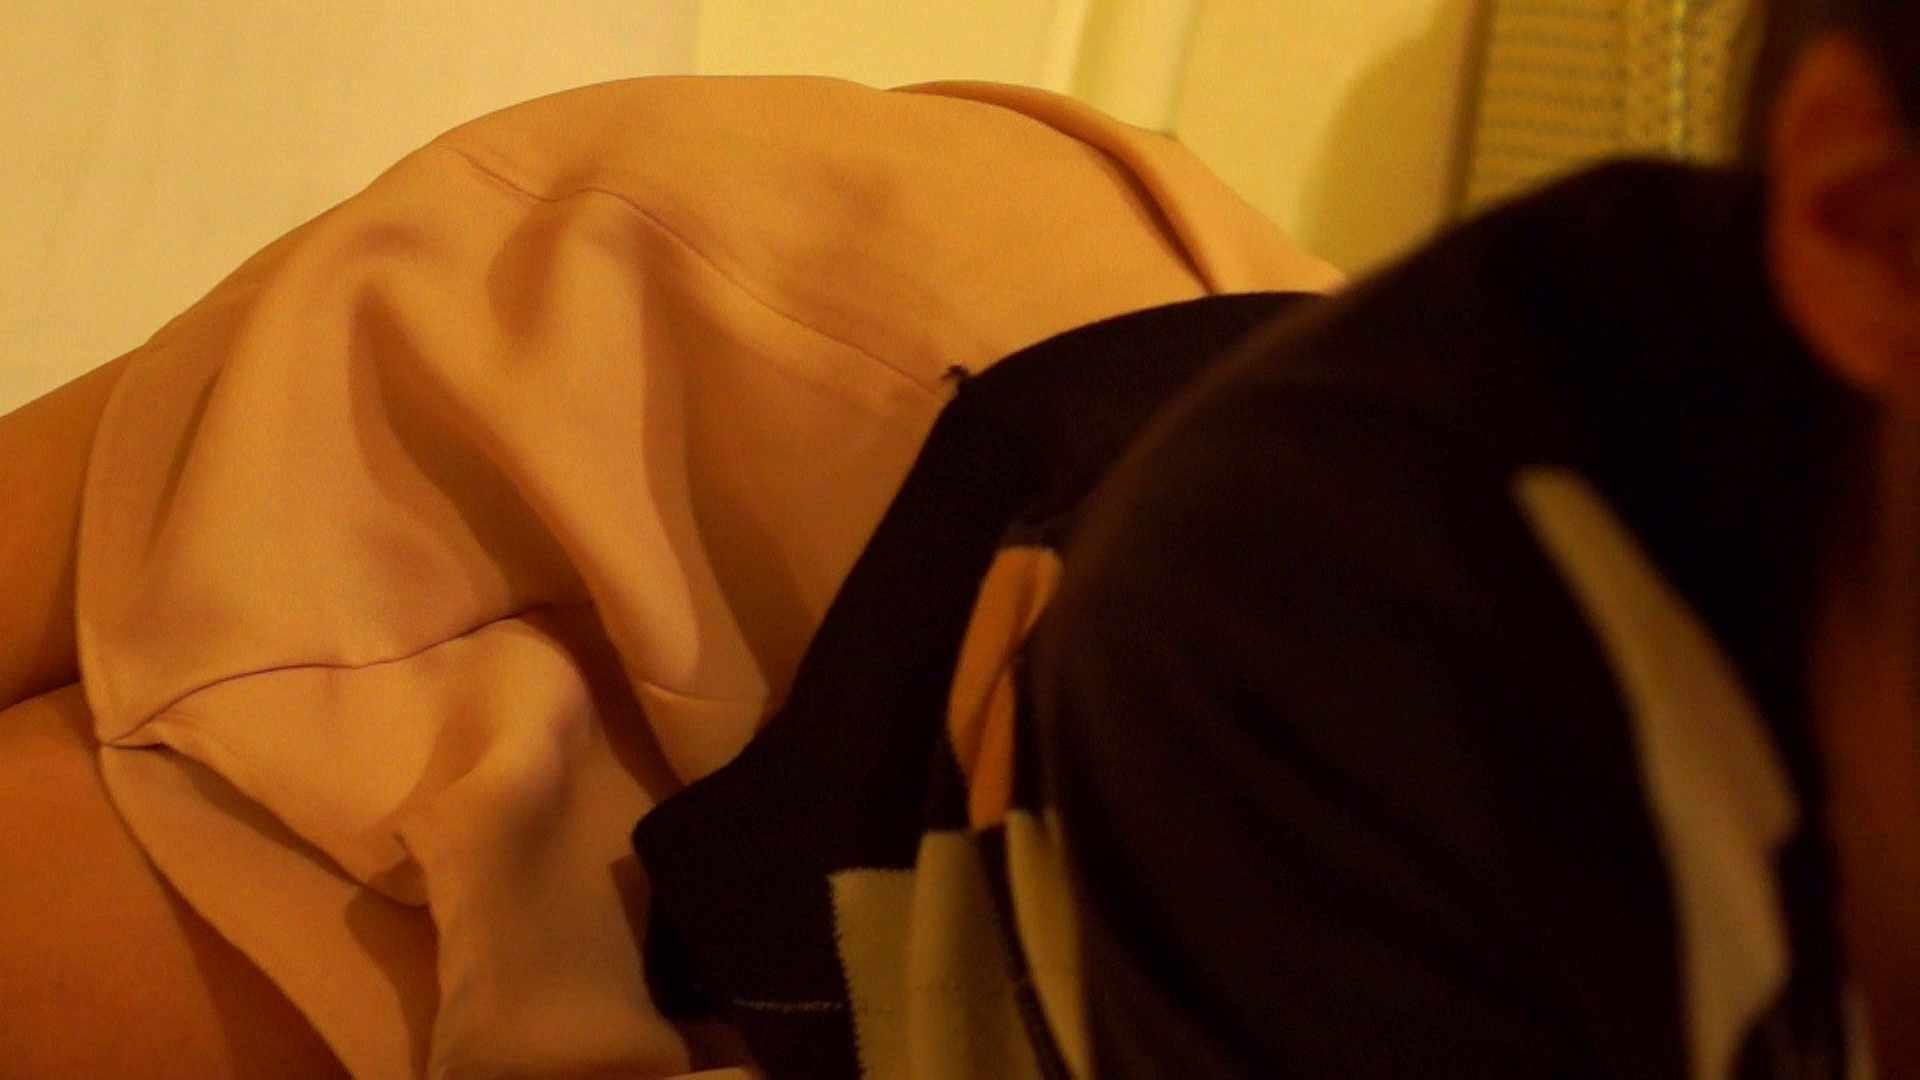 オマンコ丸見え:vol.14 照れながらもHな顔をしてくれました。:大奥